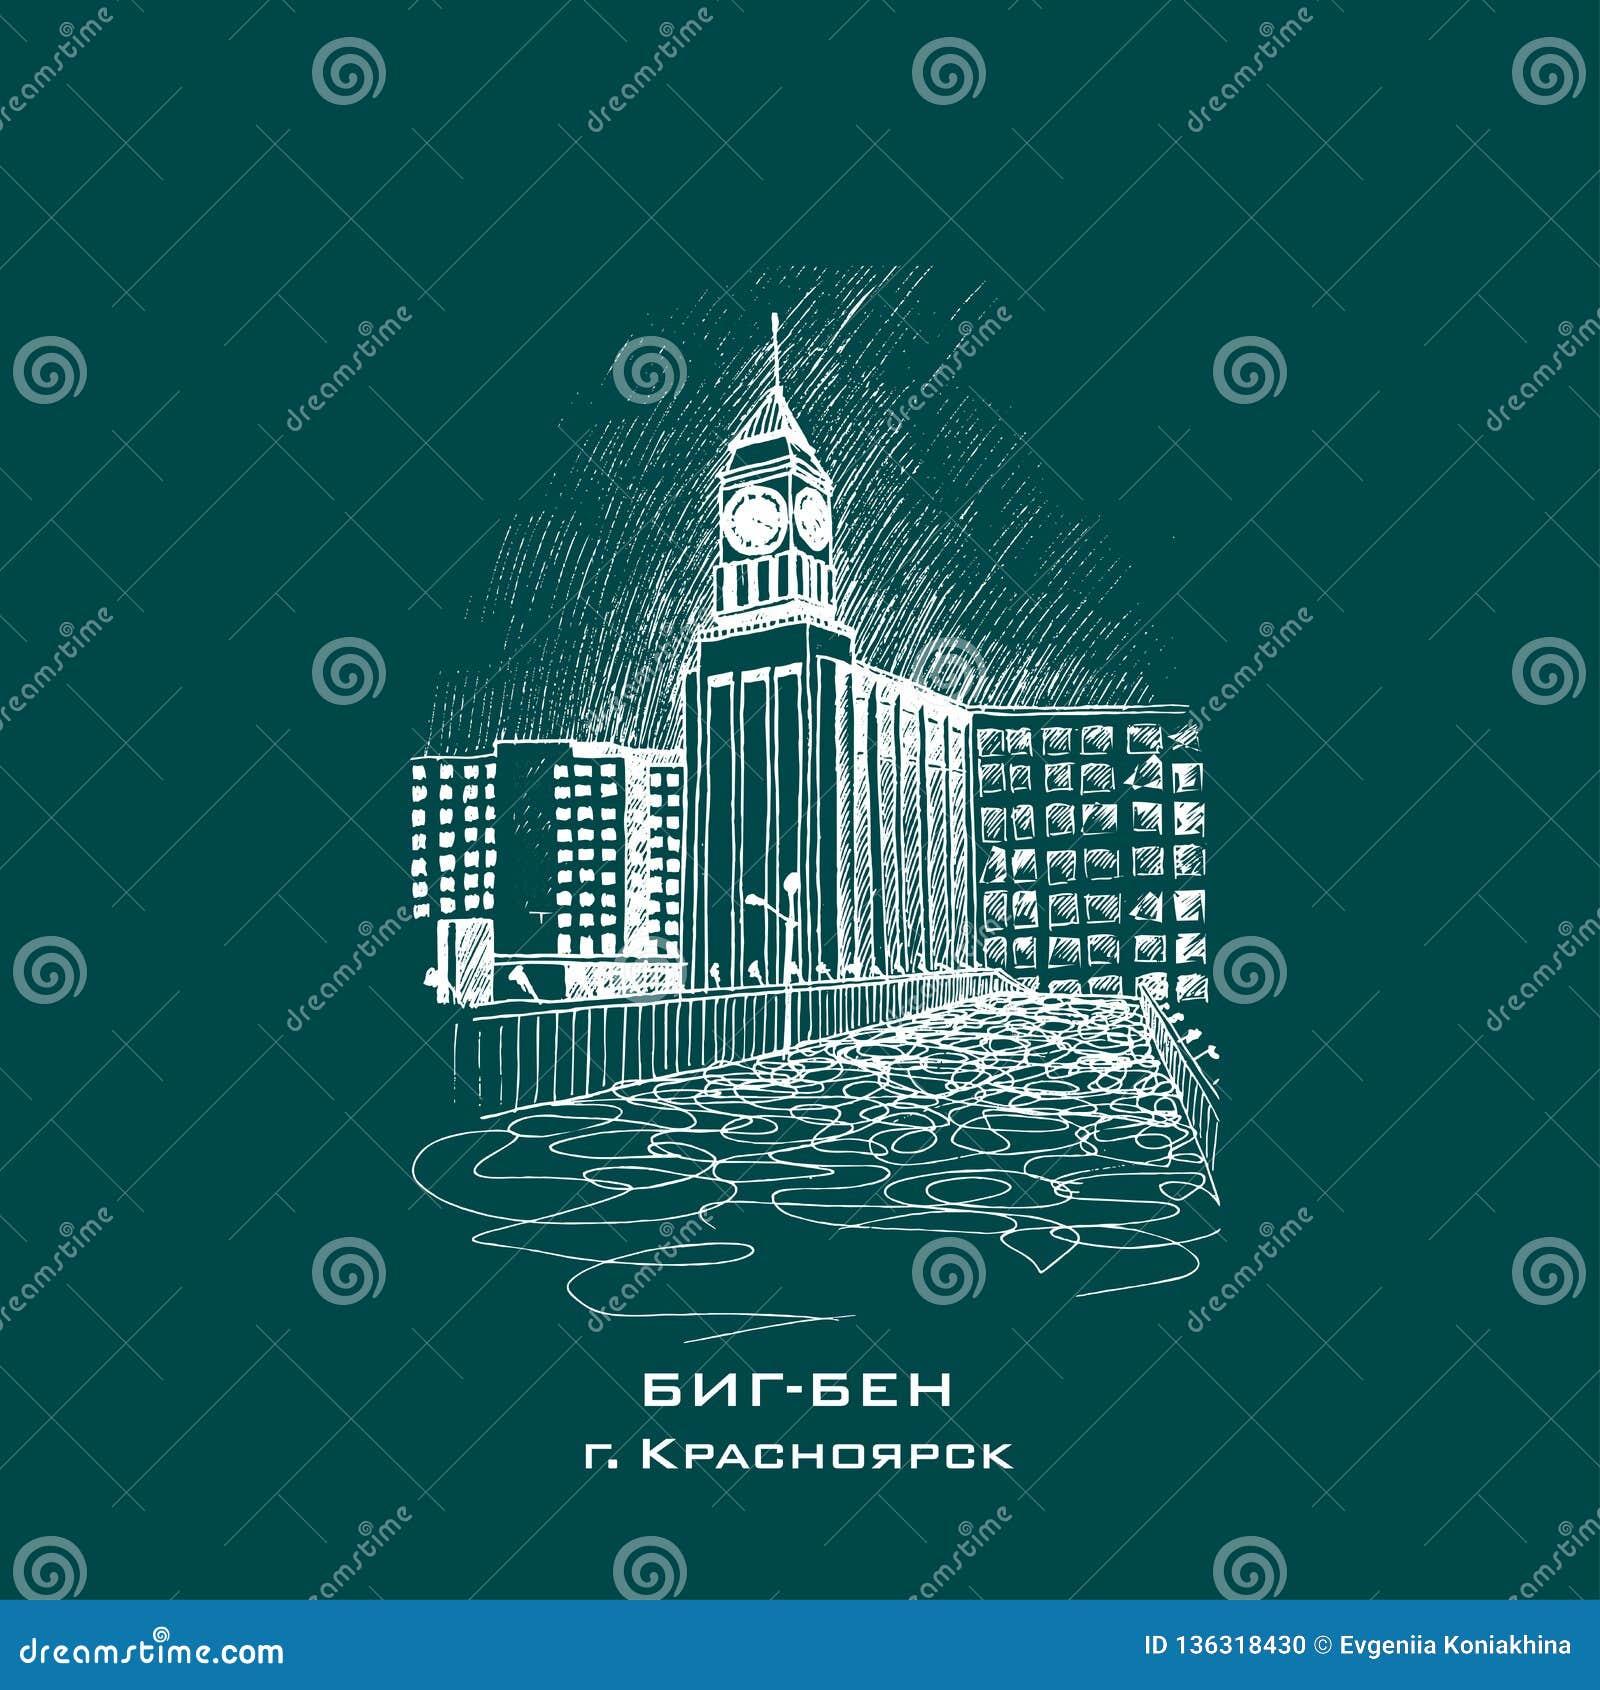 Big Ben in Krasnoyarsk